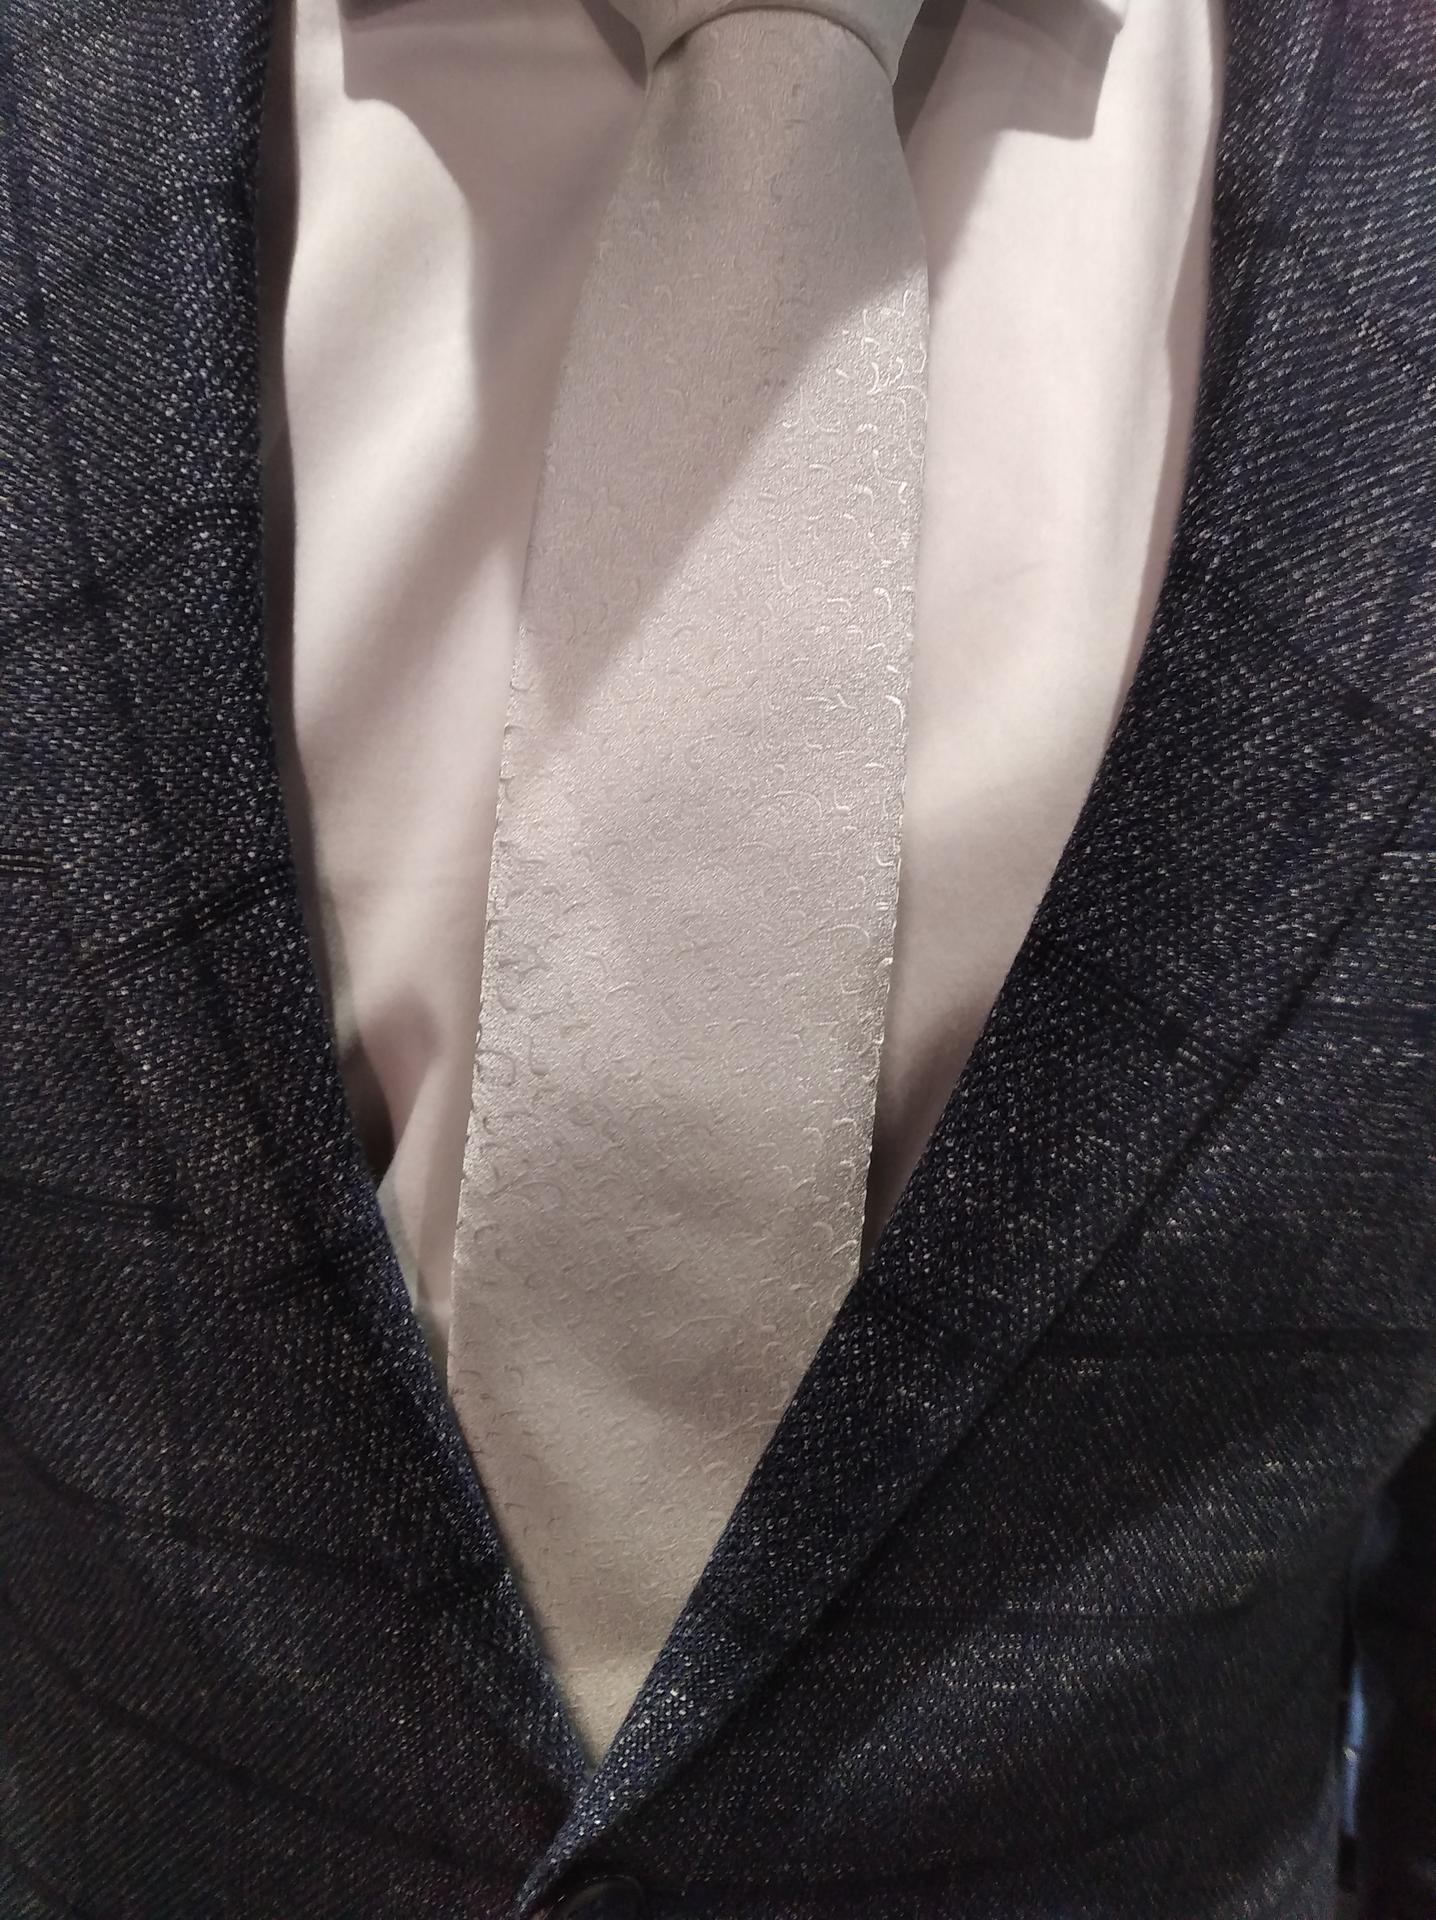 ❤️K&P❤️ Prípravy na náš deň 🥰 - Vzor kravaty